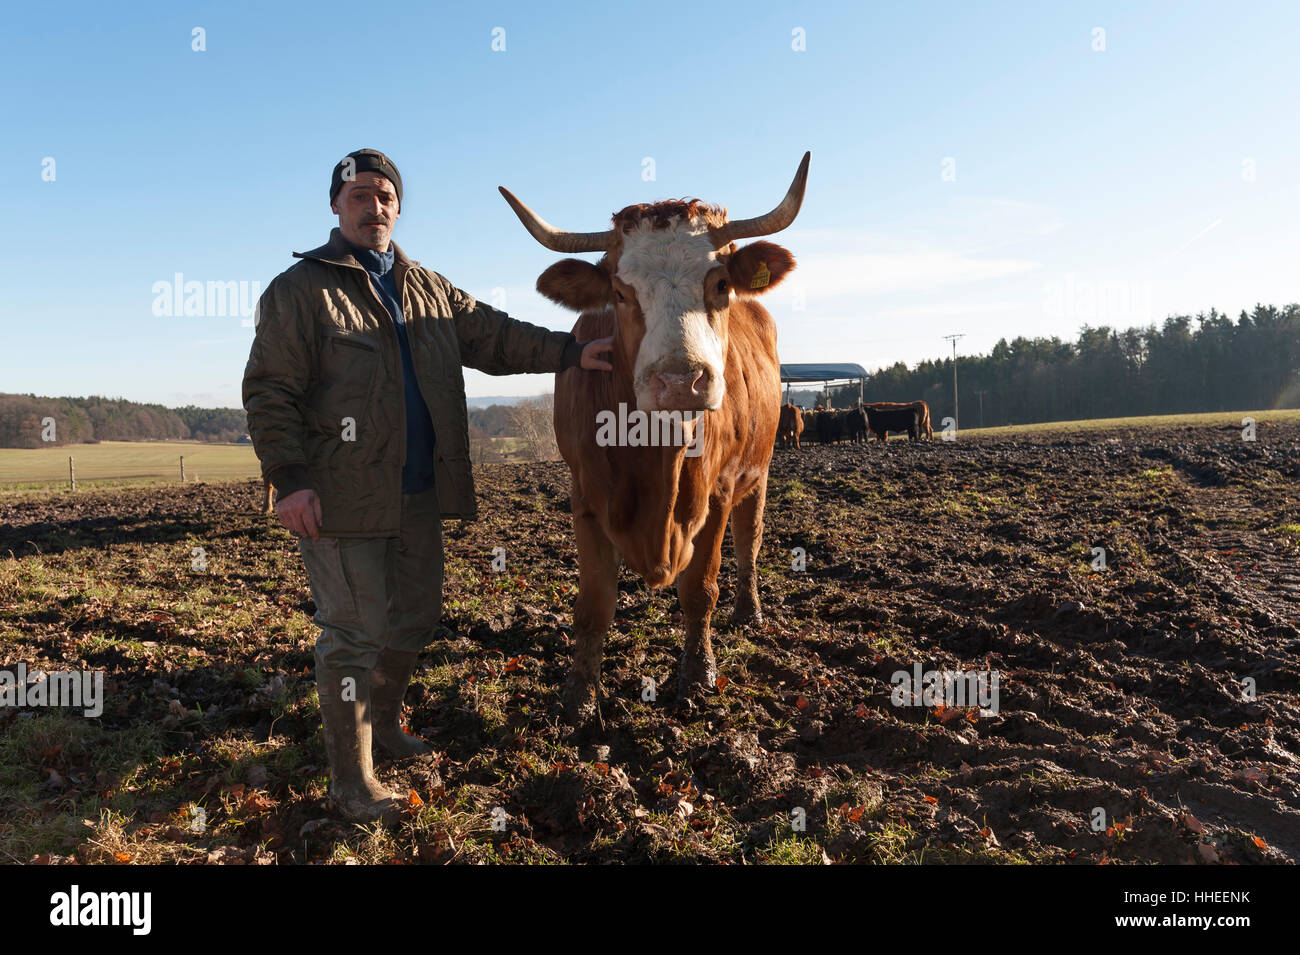 Agriculteur avec vache Salers en pâturage, Middle Franconia, Bavaria, Germany Photo Stock